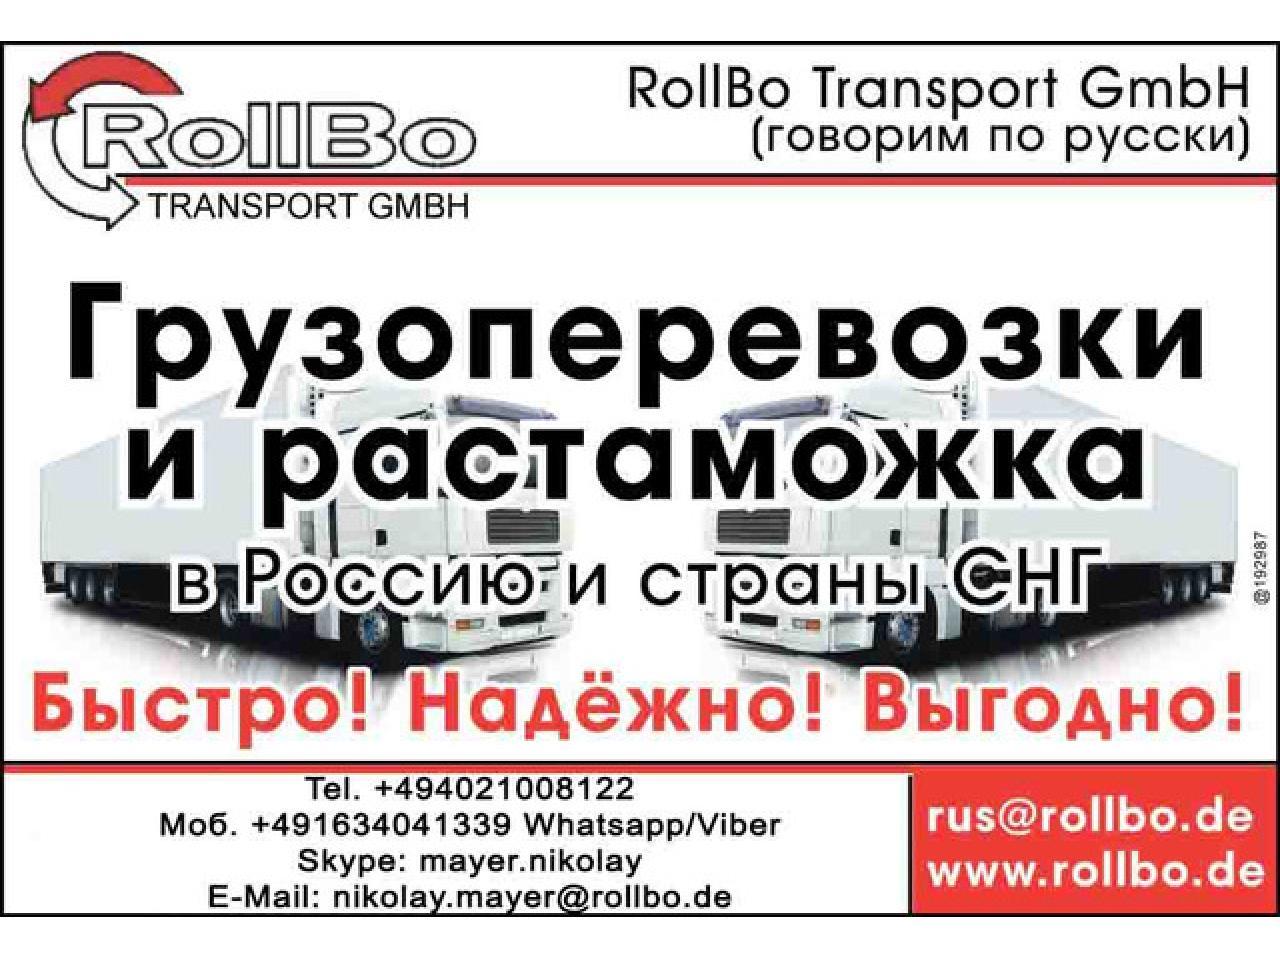 Грузоперевозки из Великобритании в Россию, СНГ недорого. Переезд на ПМЖ в Испанию - 1